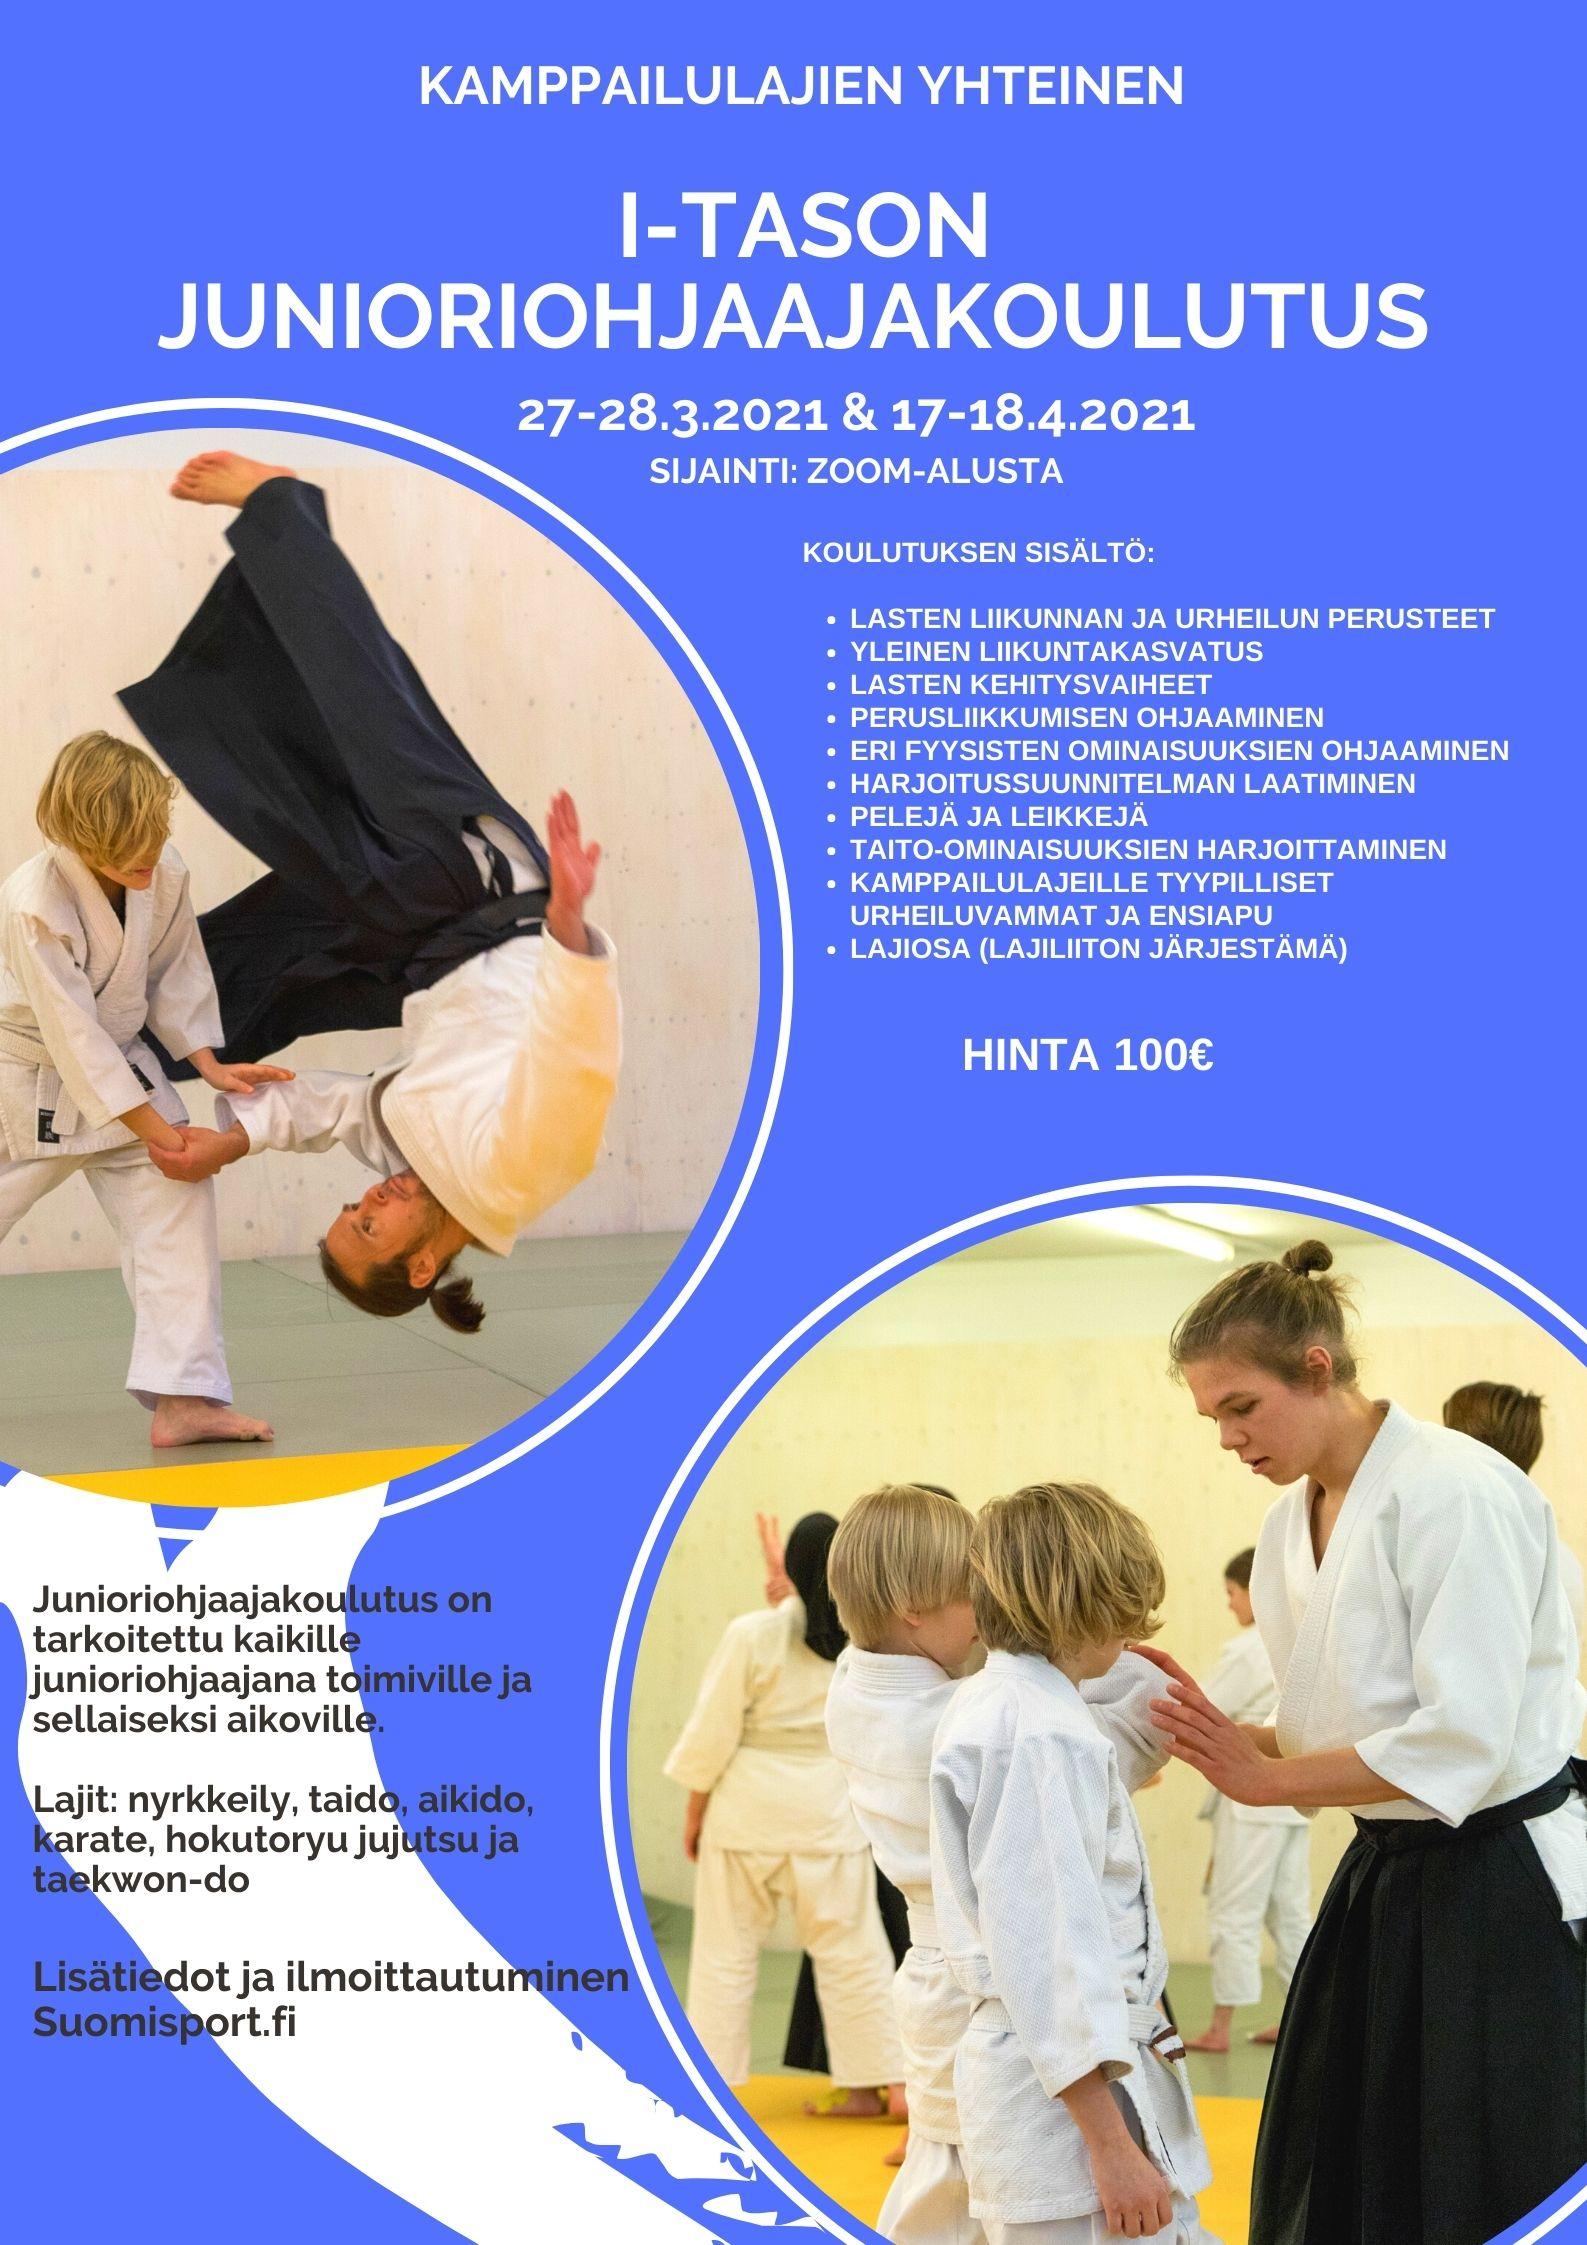 Aikido-Junioriohjaajakoulutus2021